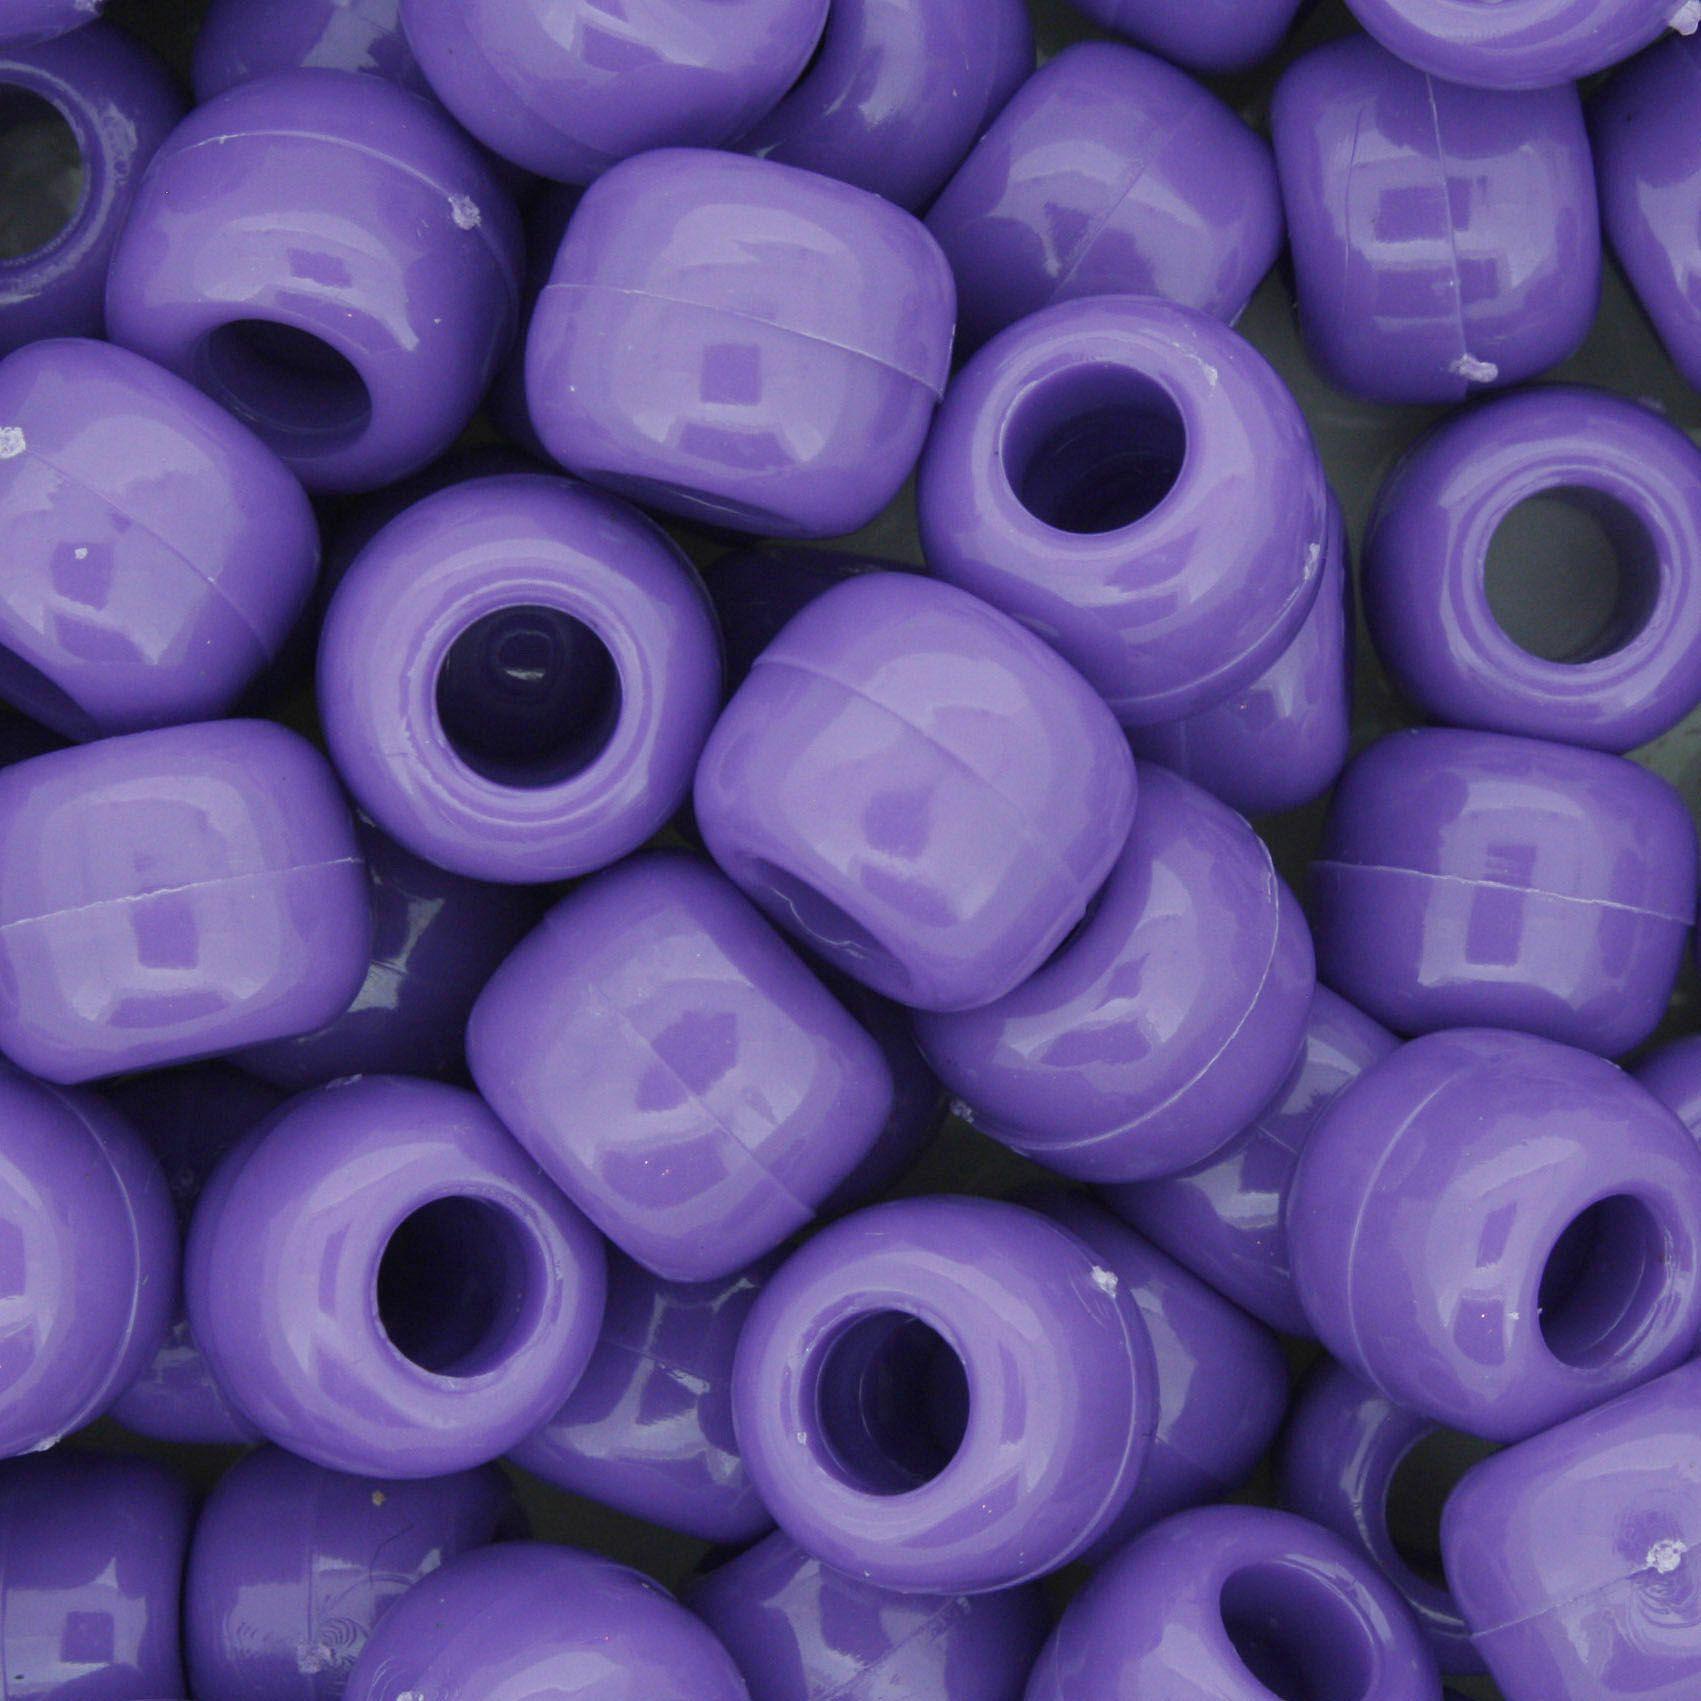 Miçangão Plástico - Tererê® - Roxo  - Stéphanie Bijoux® - Peças para Bijuterias e Artesanato